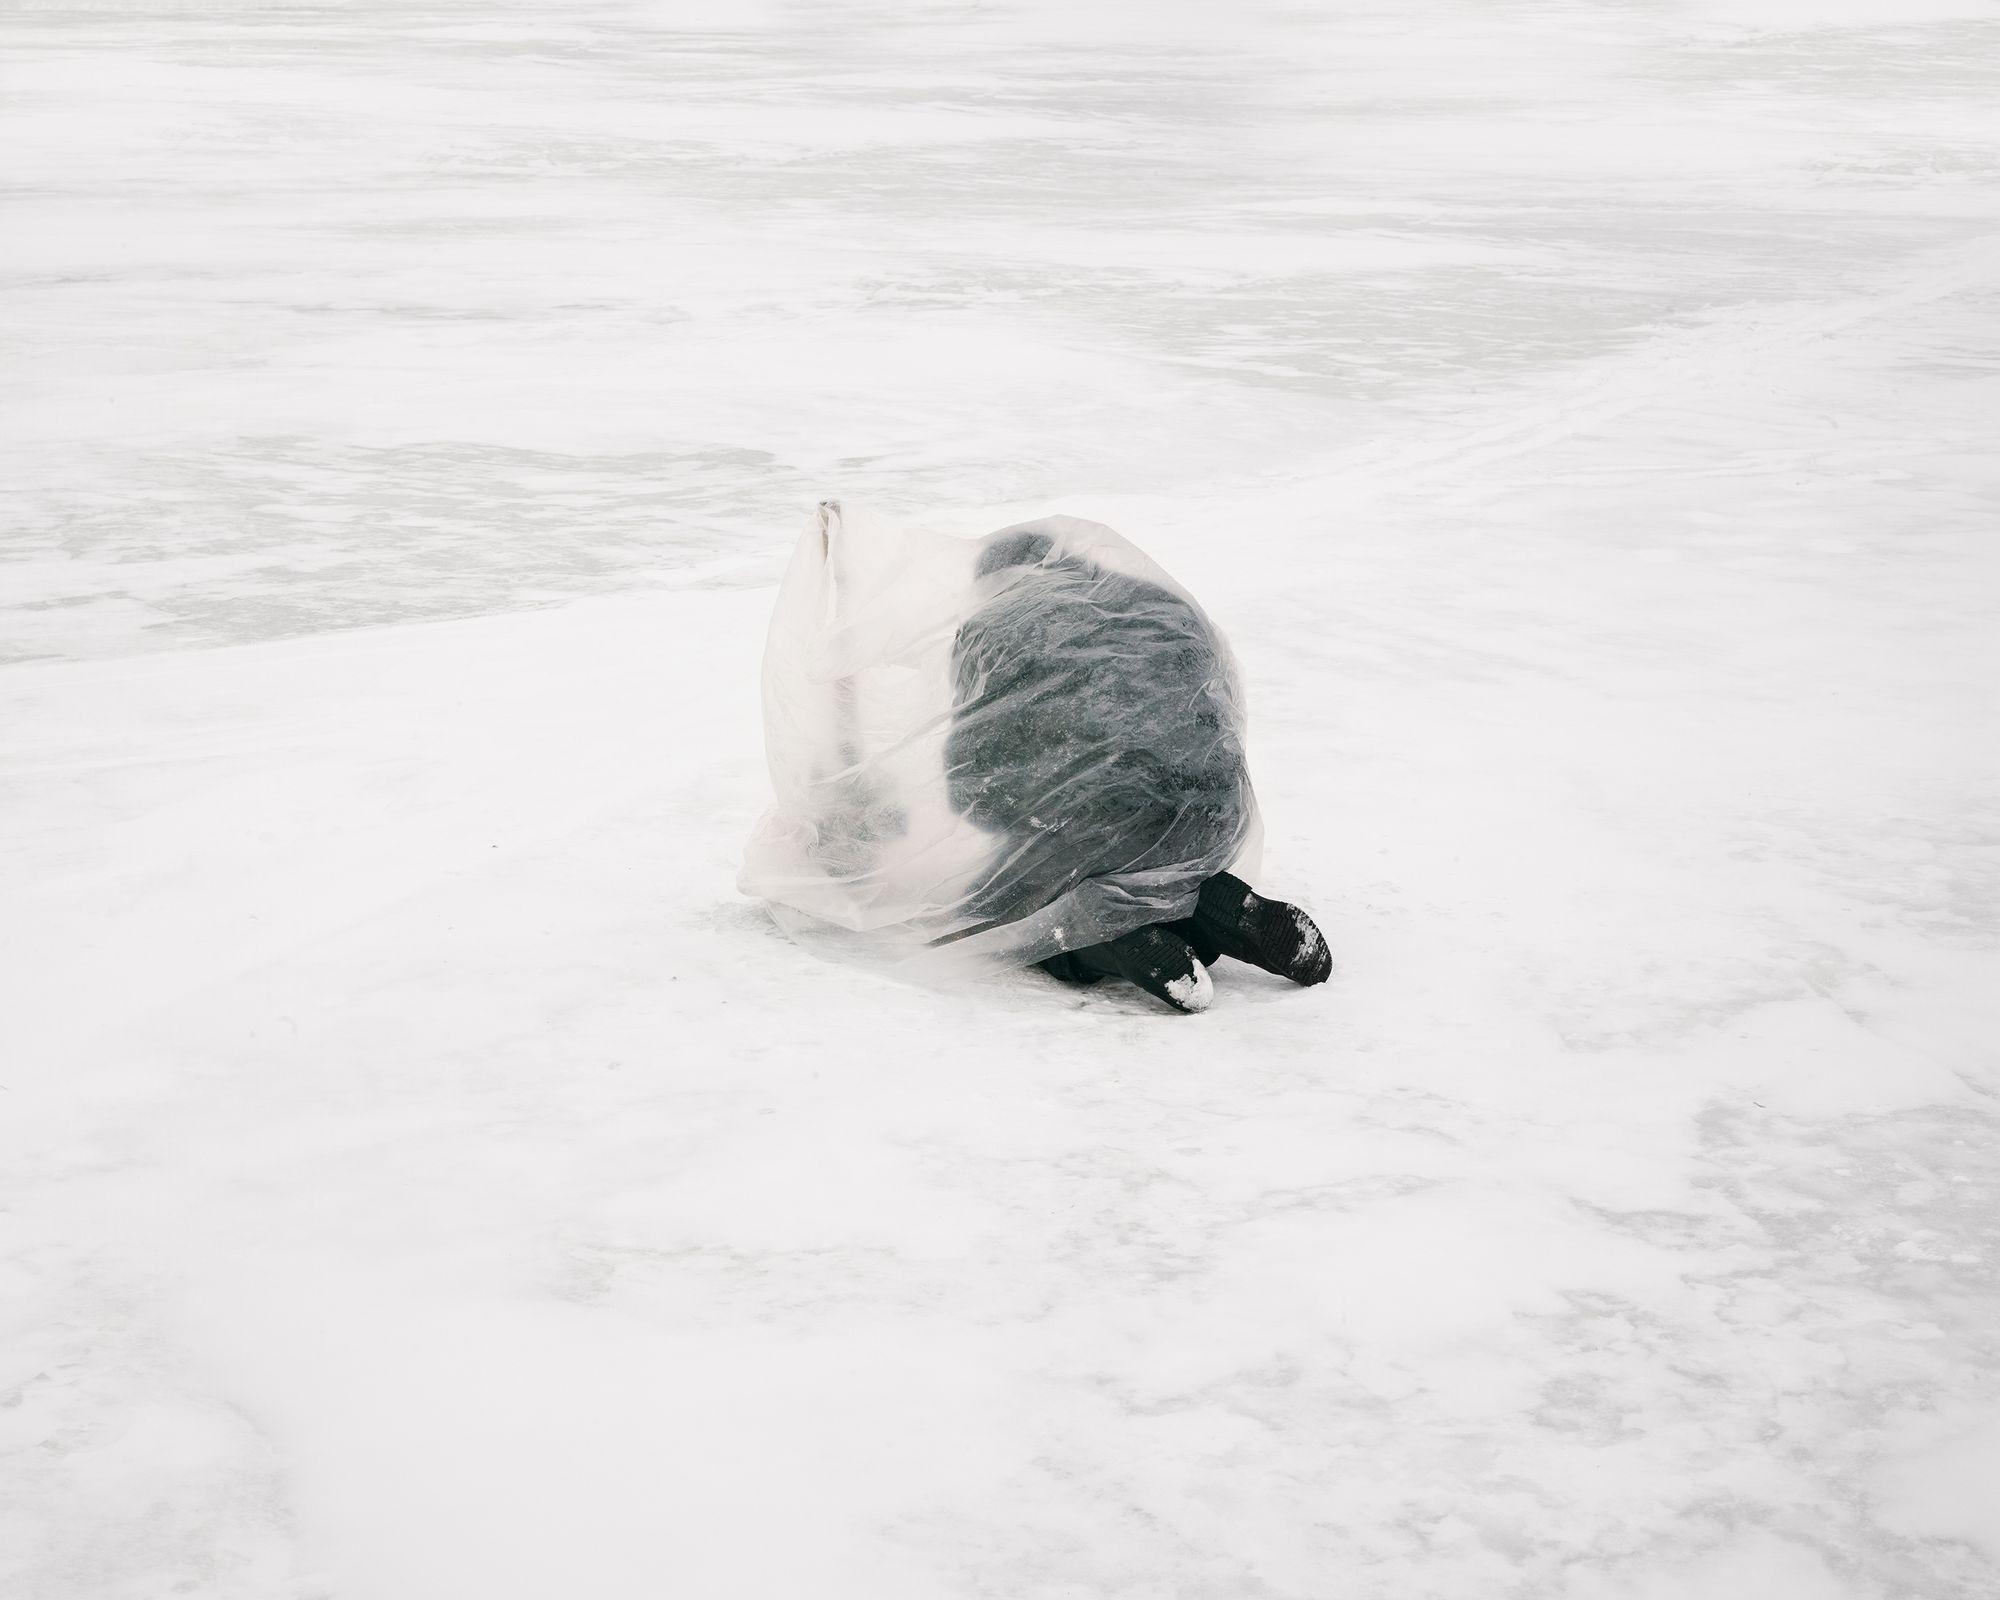 pecheur glace kazakhstan